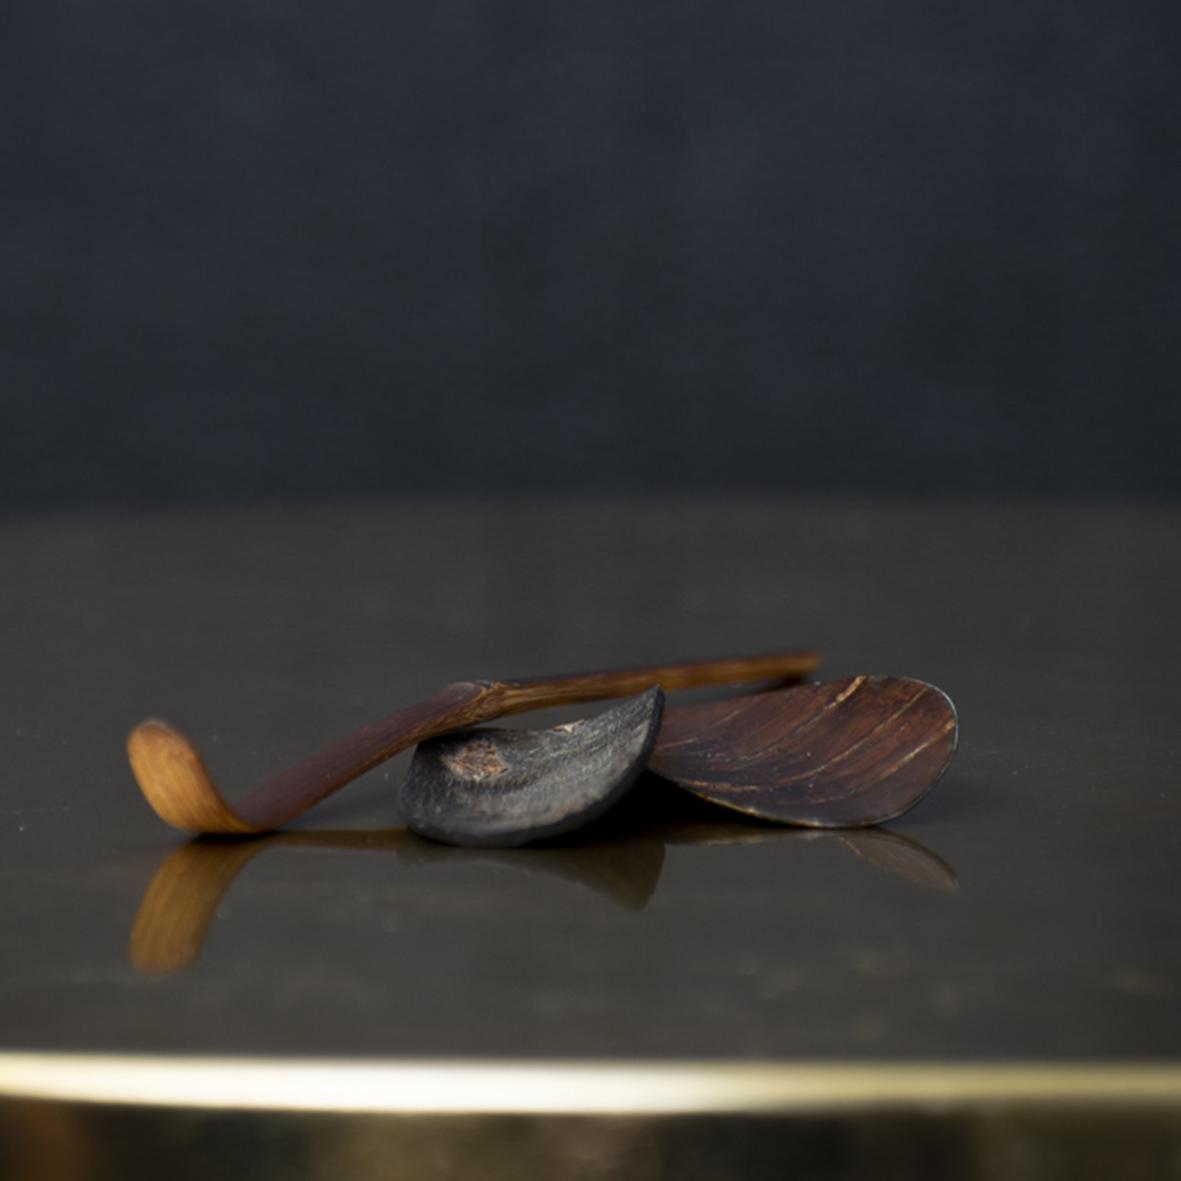 Kirsikkapuun kuoresta tehty teelusikka